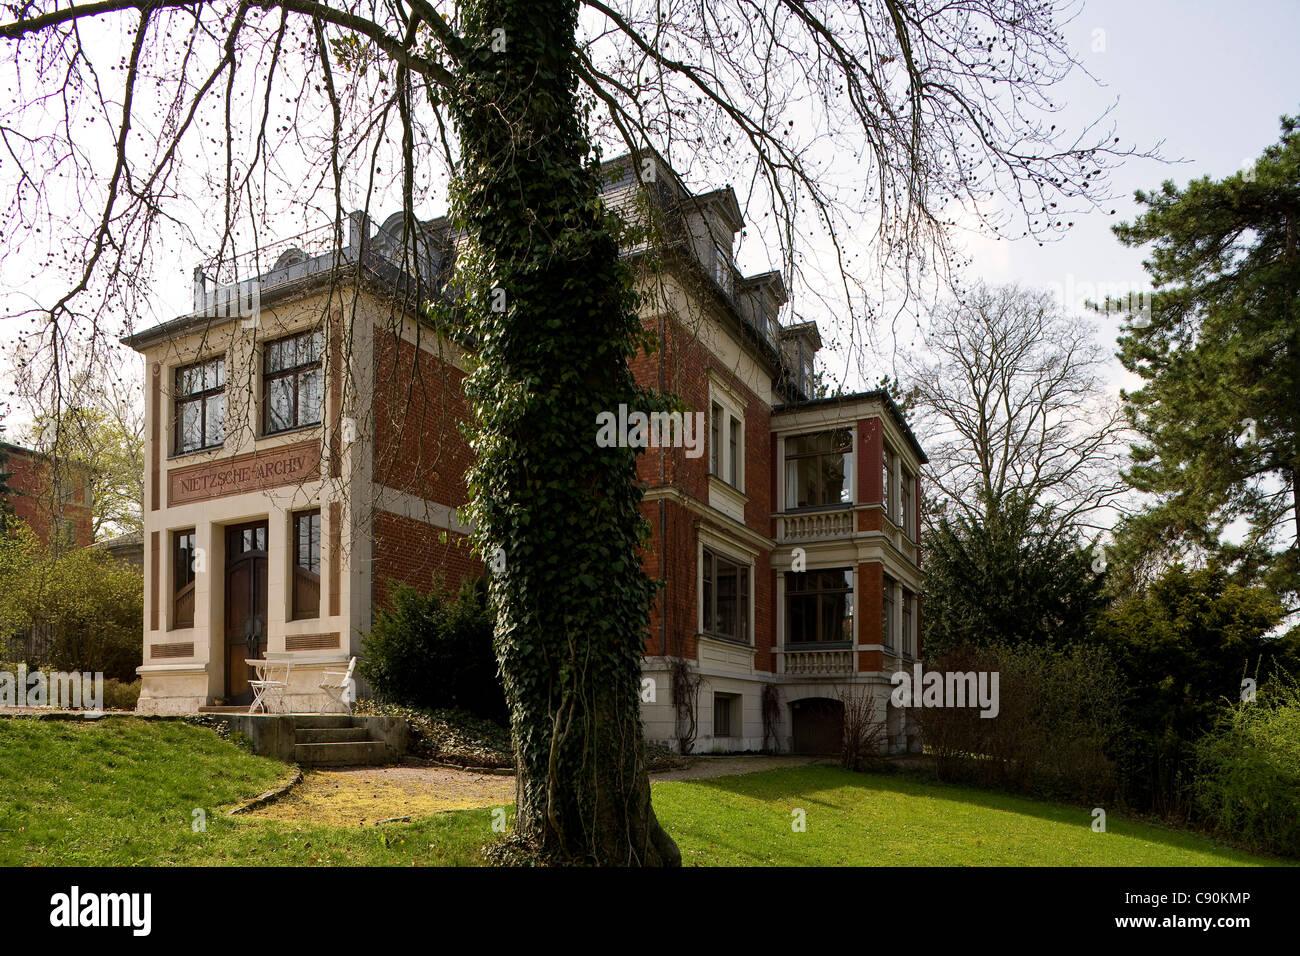 Nietzsche Archive, Weimar, Turingia, Alemania, Europa Imagen De Stock